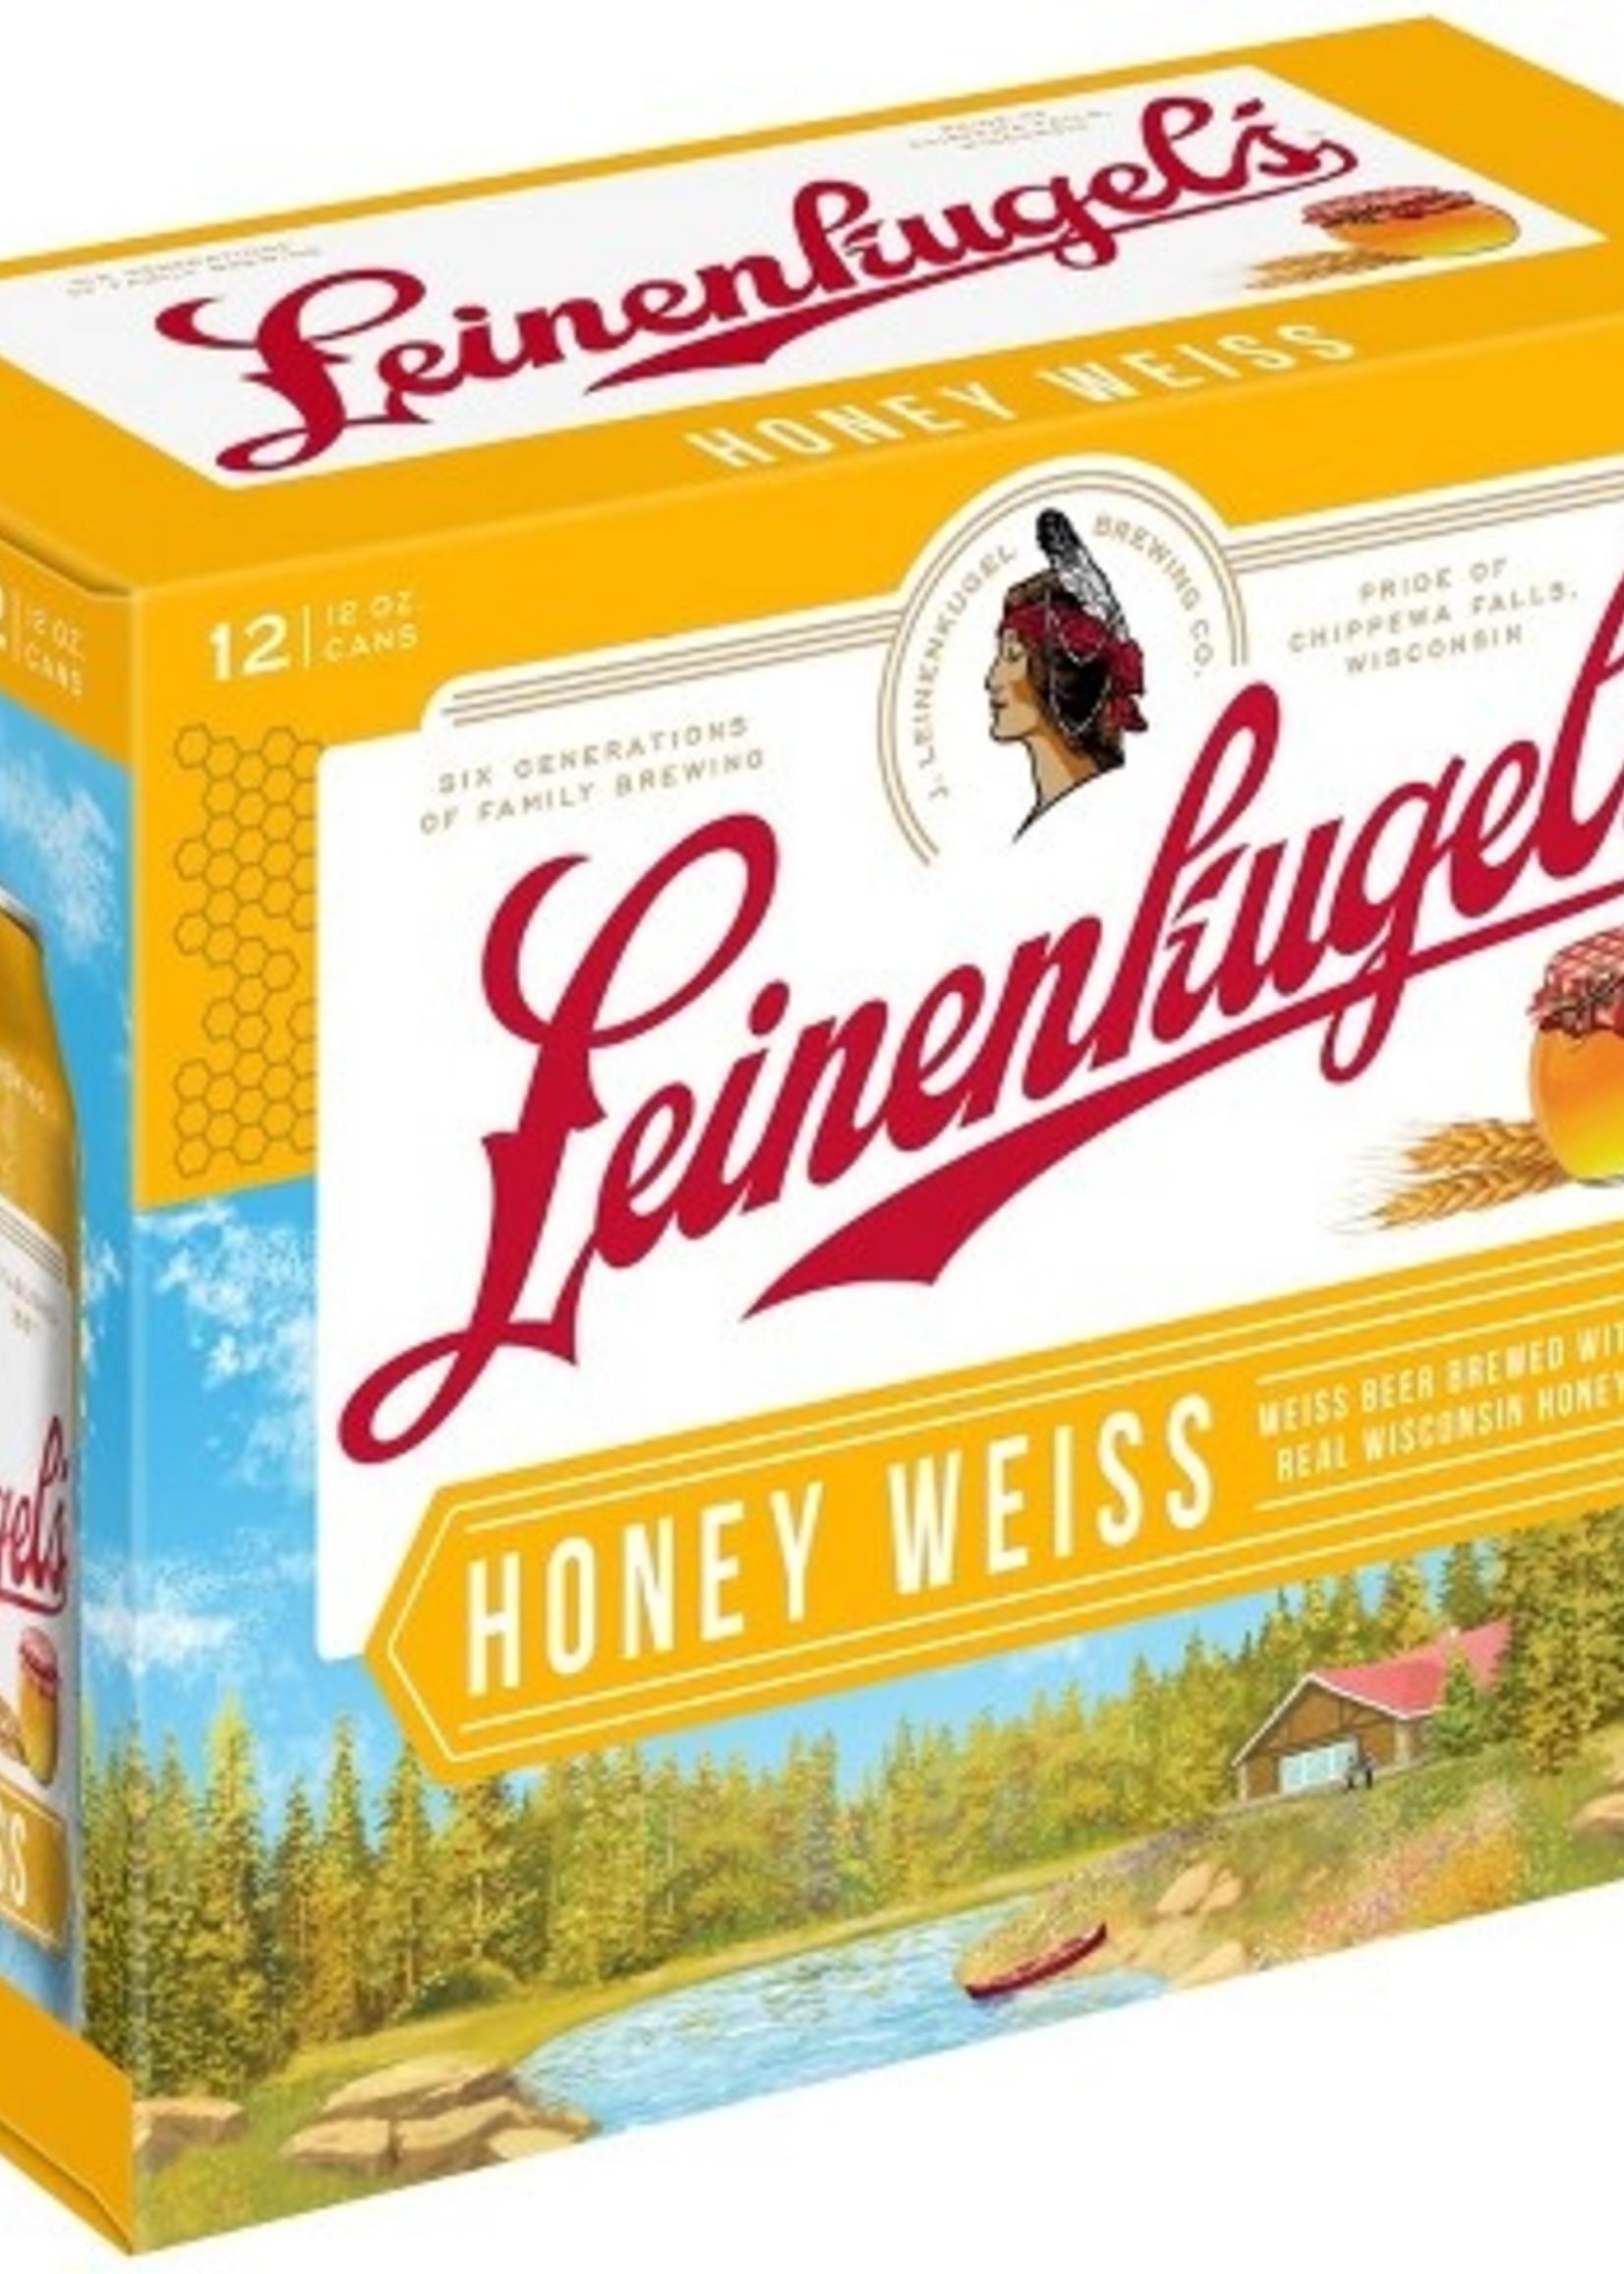 Leinenkugel's Honey Weiss - 12x12oz Cans